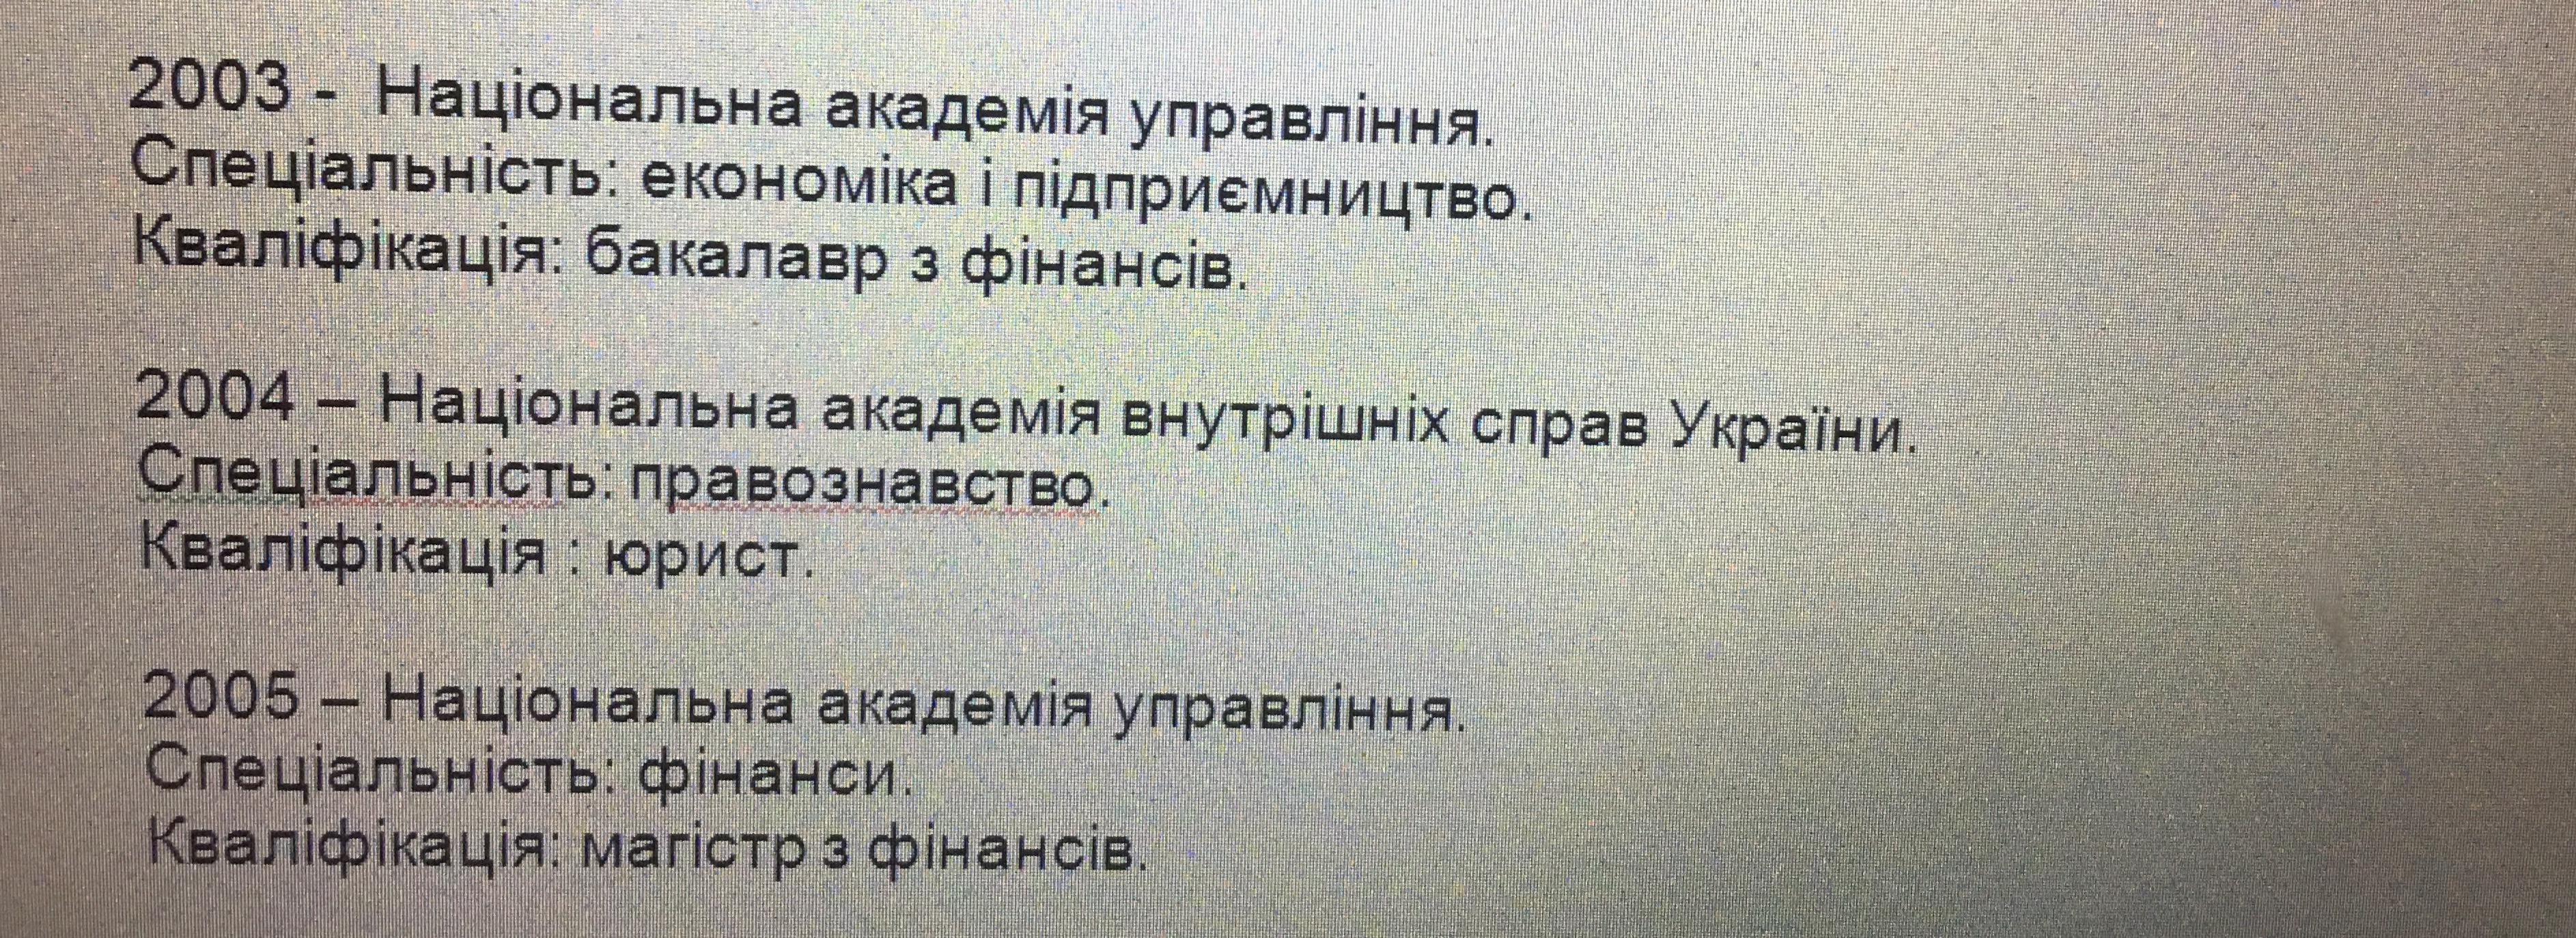 Фото Договоримся))